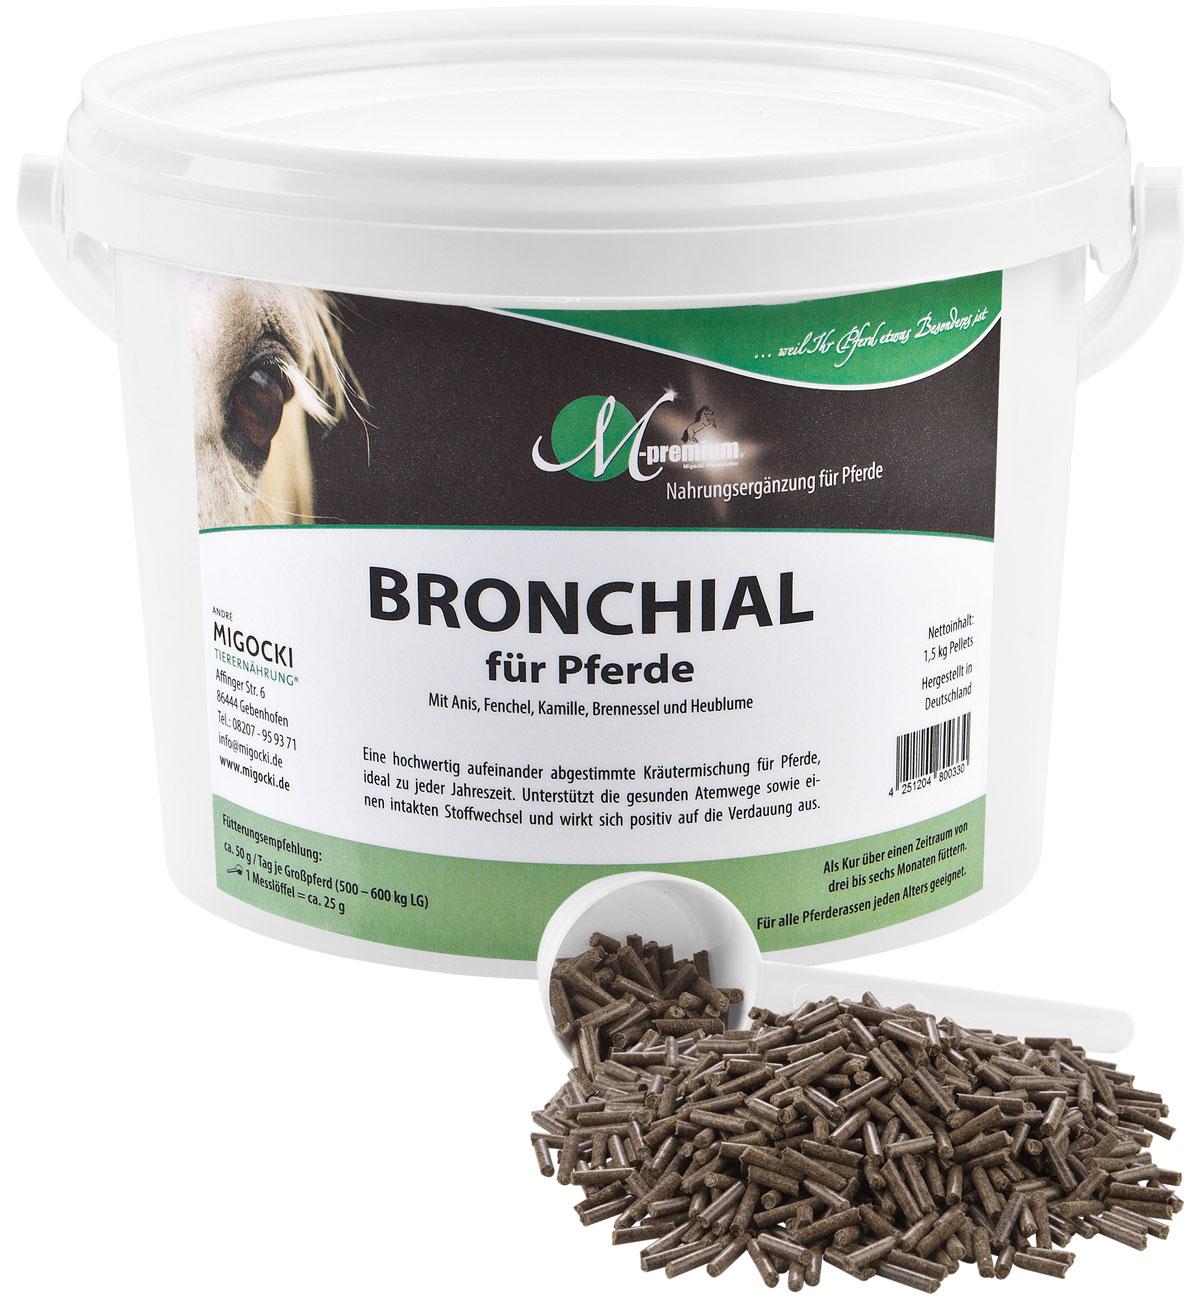 Produkt Bronchial Kräutermischung Pferde pelletiert